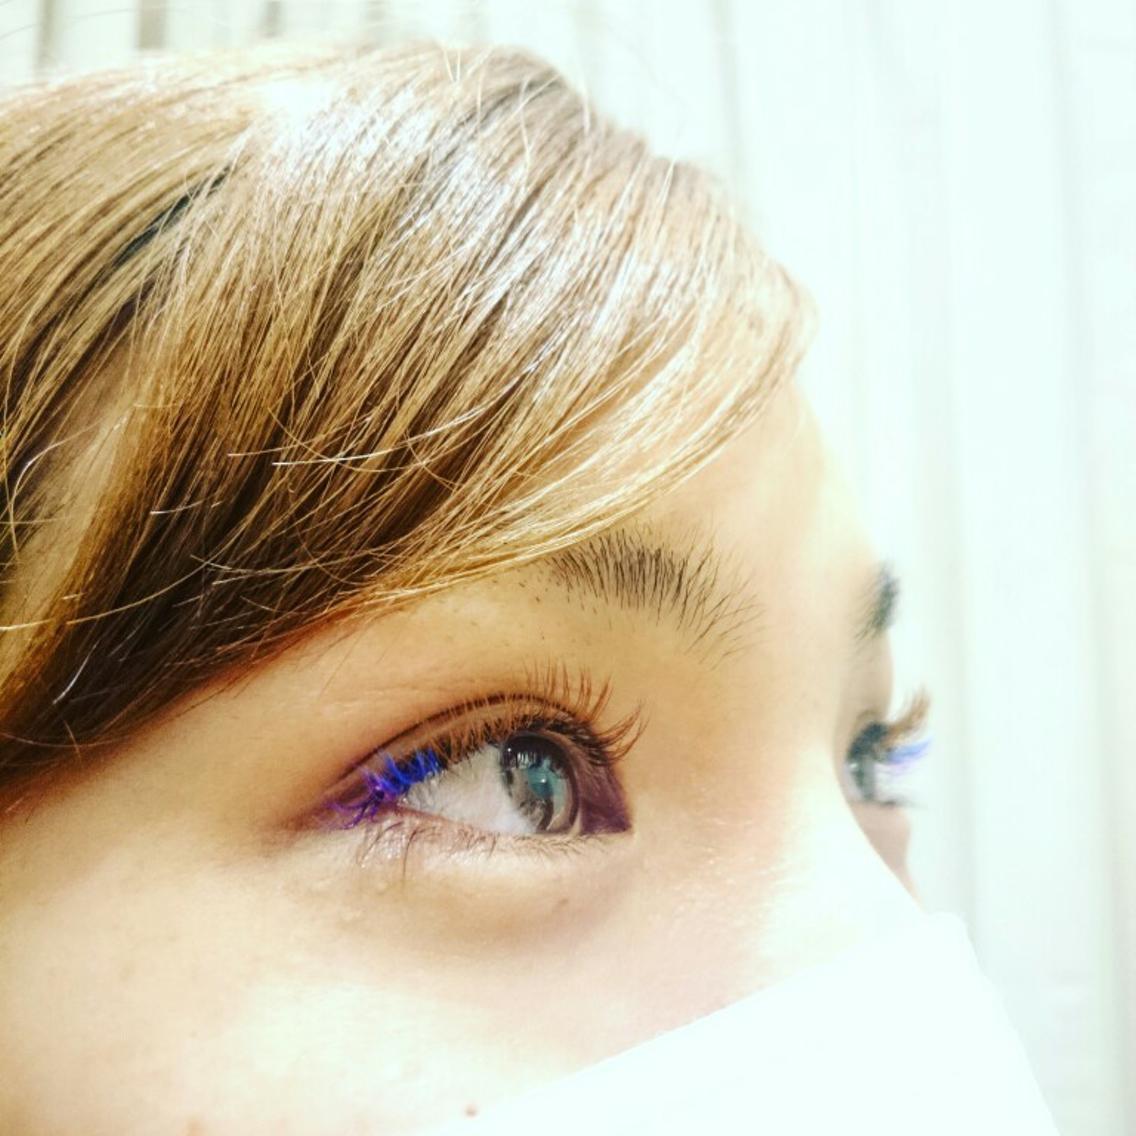 デザイン指定撮影モデル☆まつ毛エクステ☆最新3Dボリュームラッシュ☆船橋競馬場駅徒歩3分駅近!